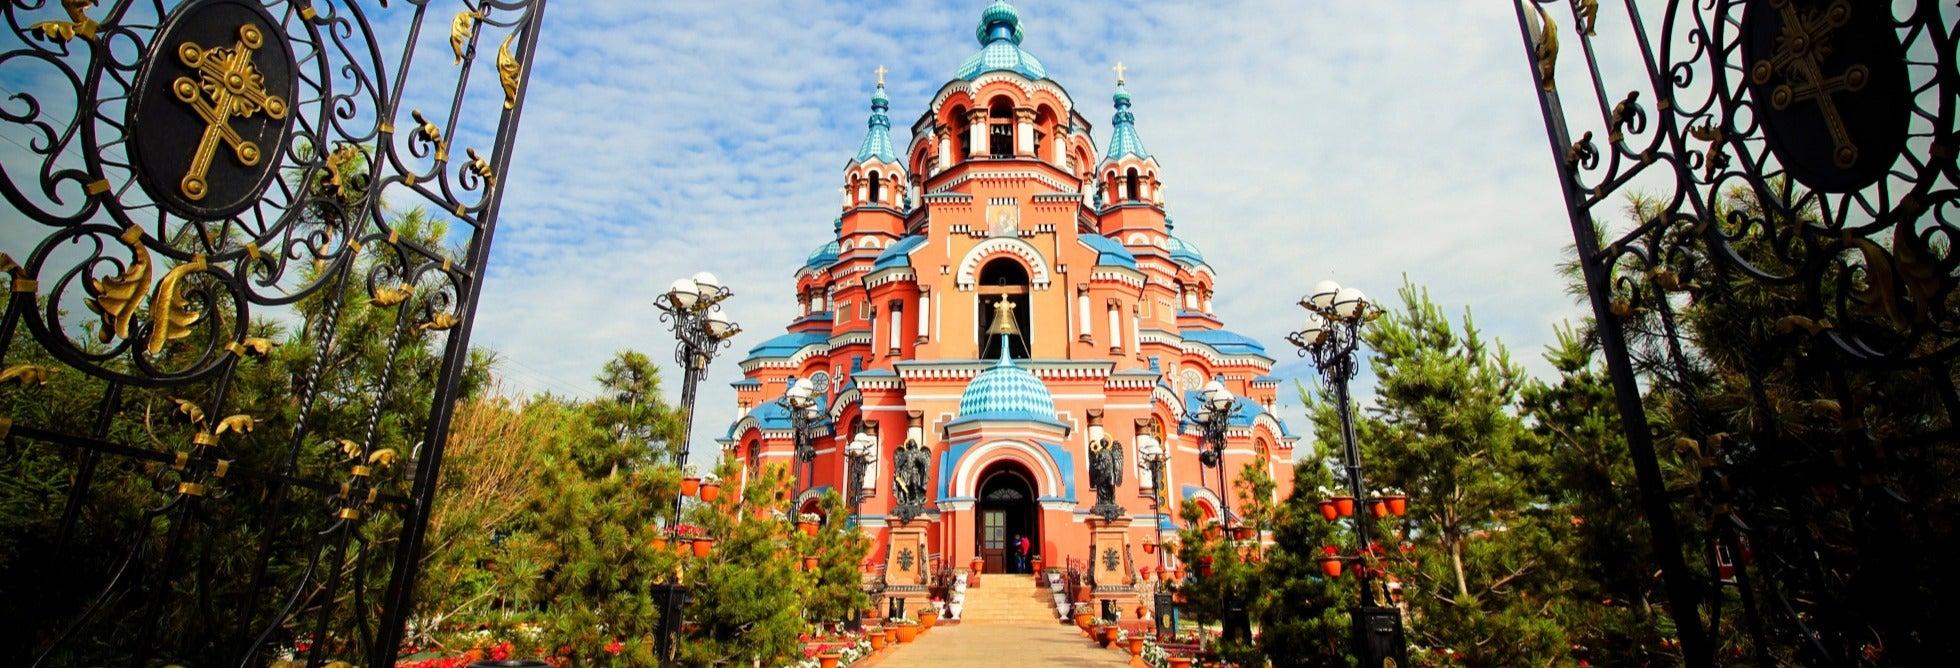 Tour panorámico privado por Irkutsk